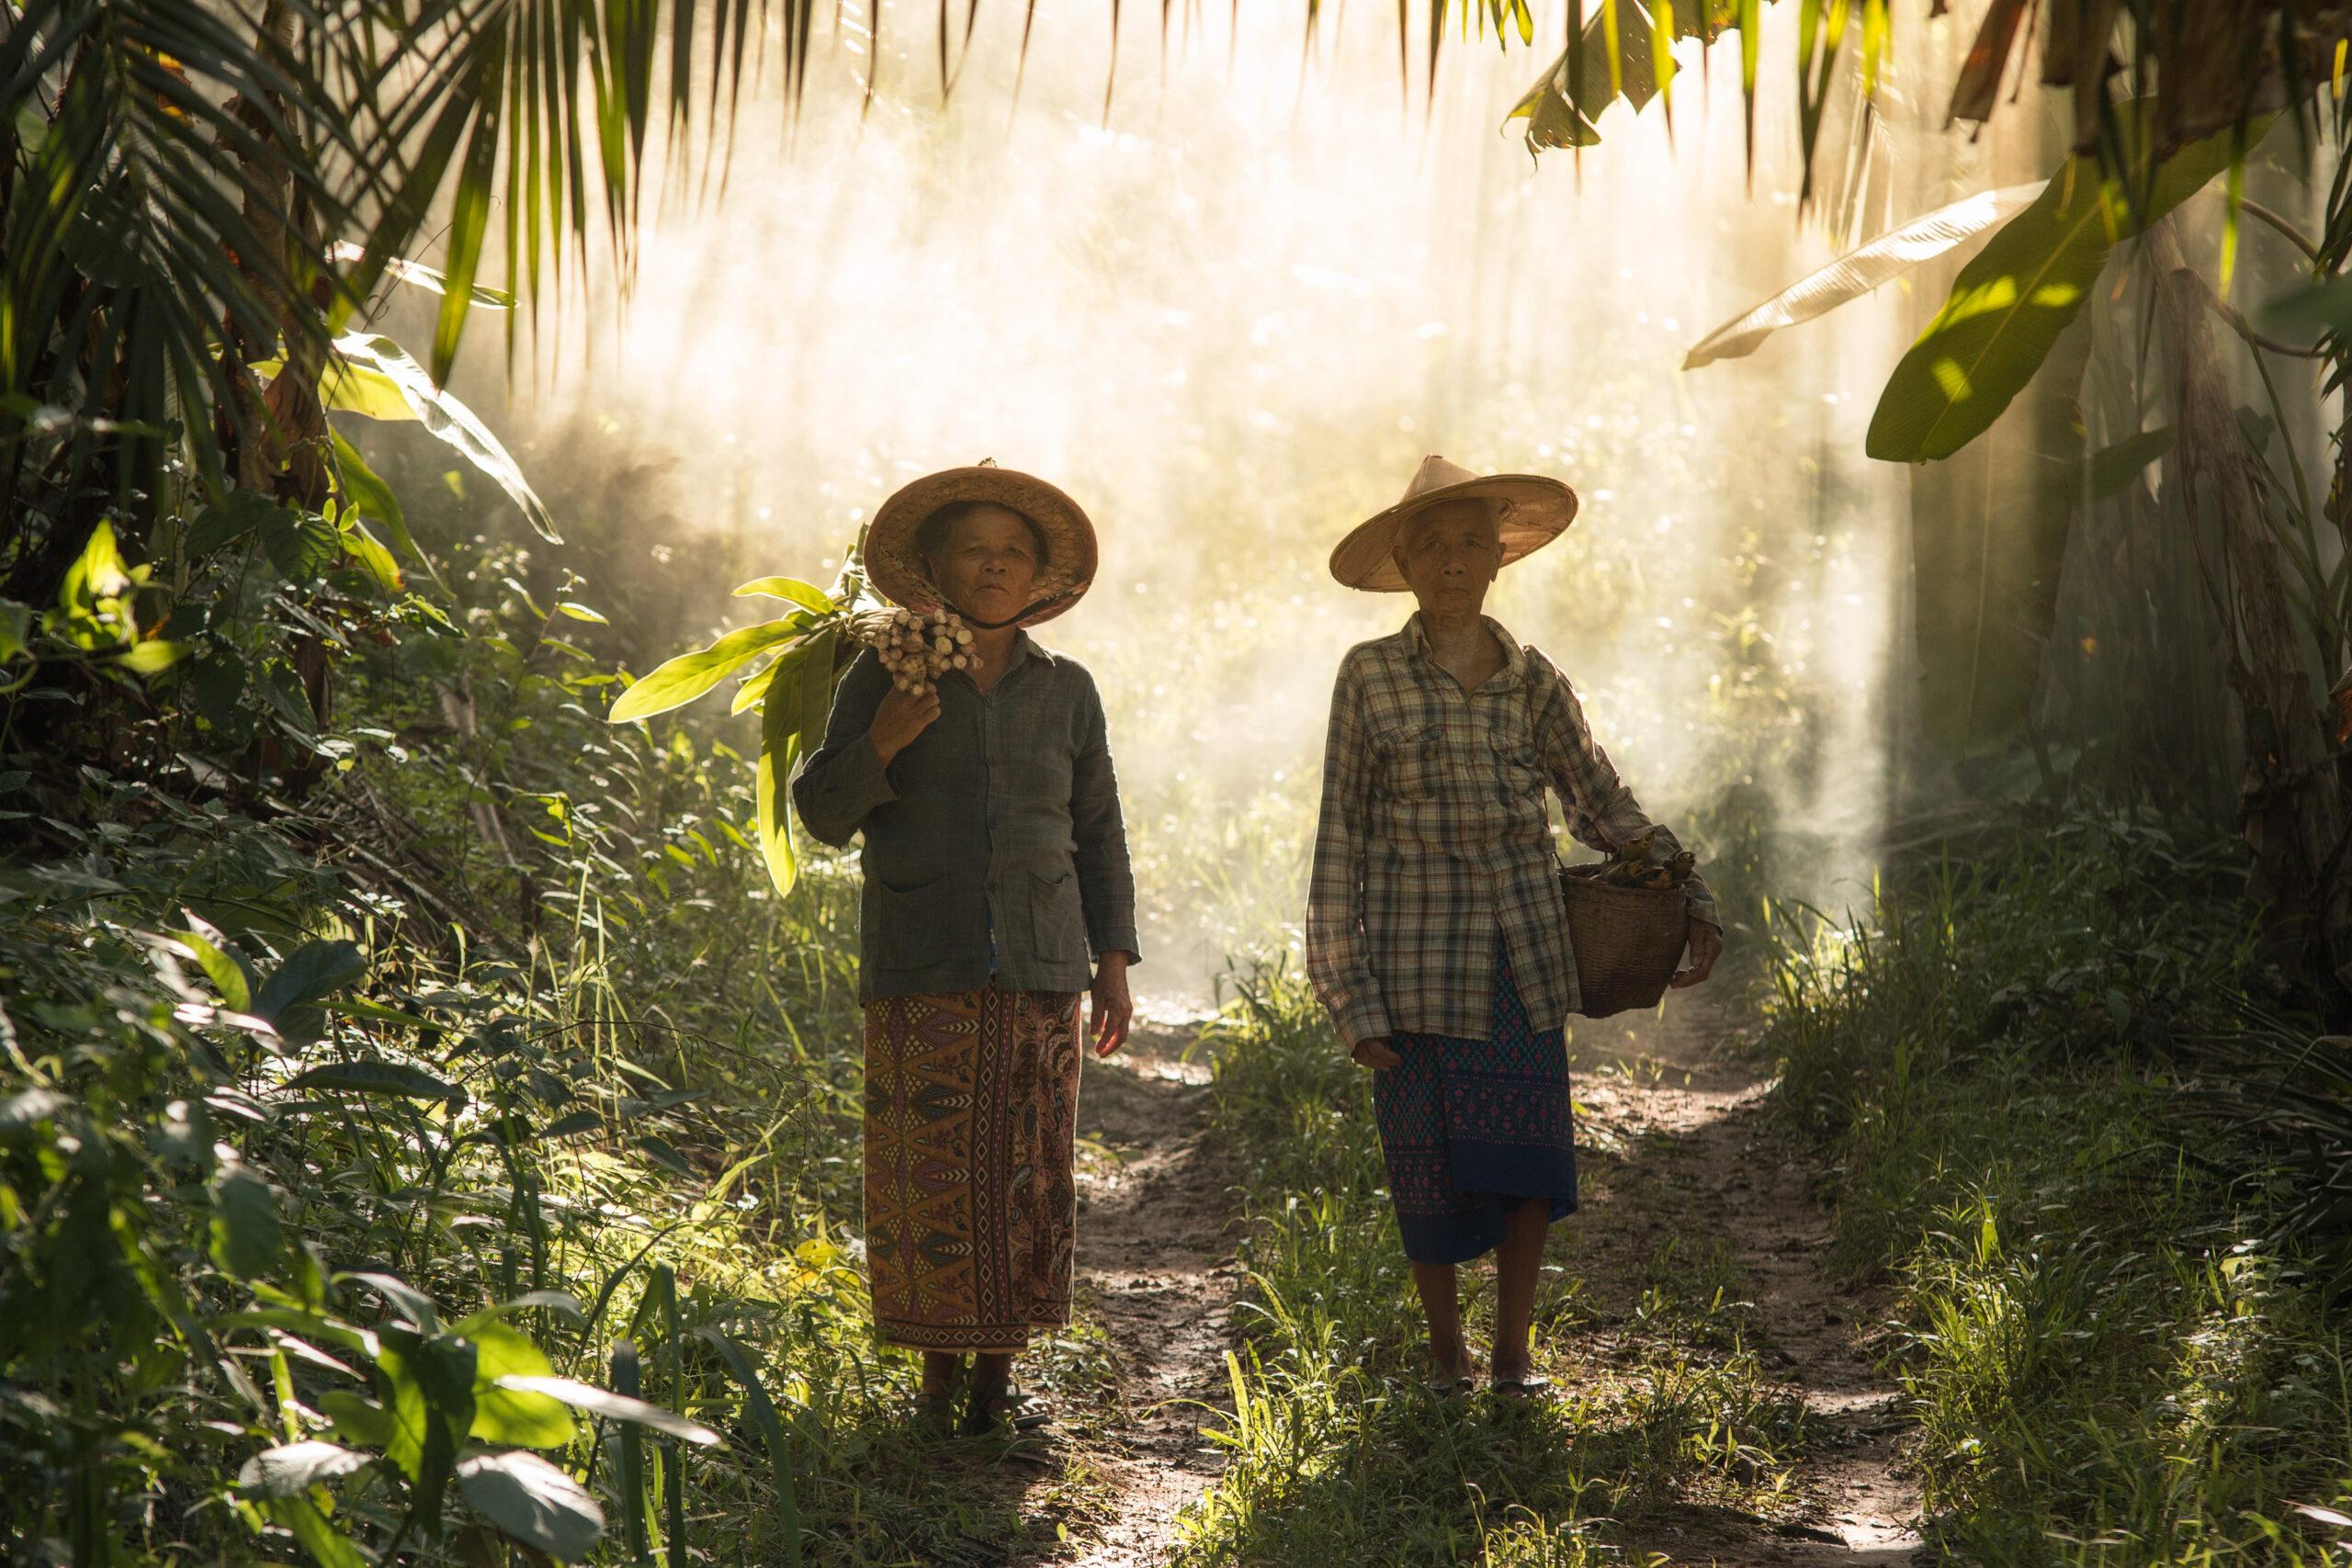 Urfolk, Thailand, Människor, miljöförsvarare, Asien, Skog, Globala